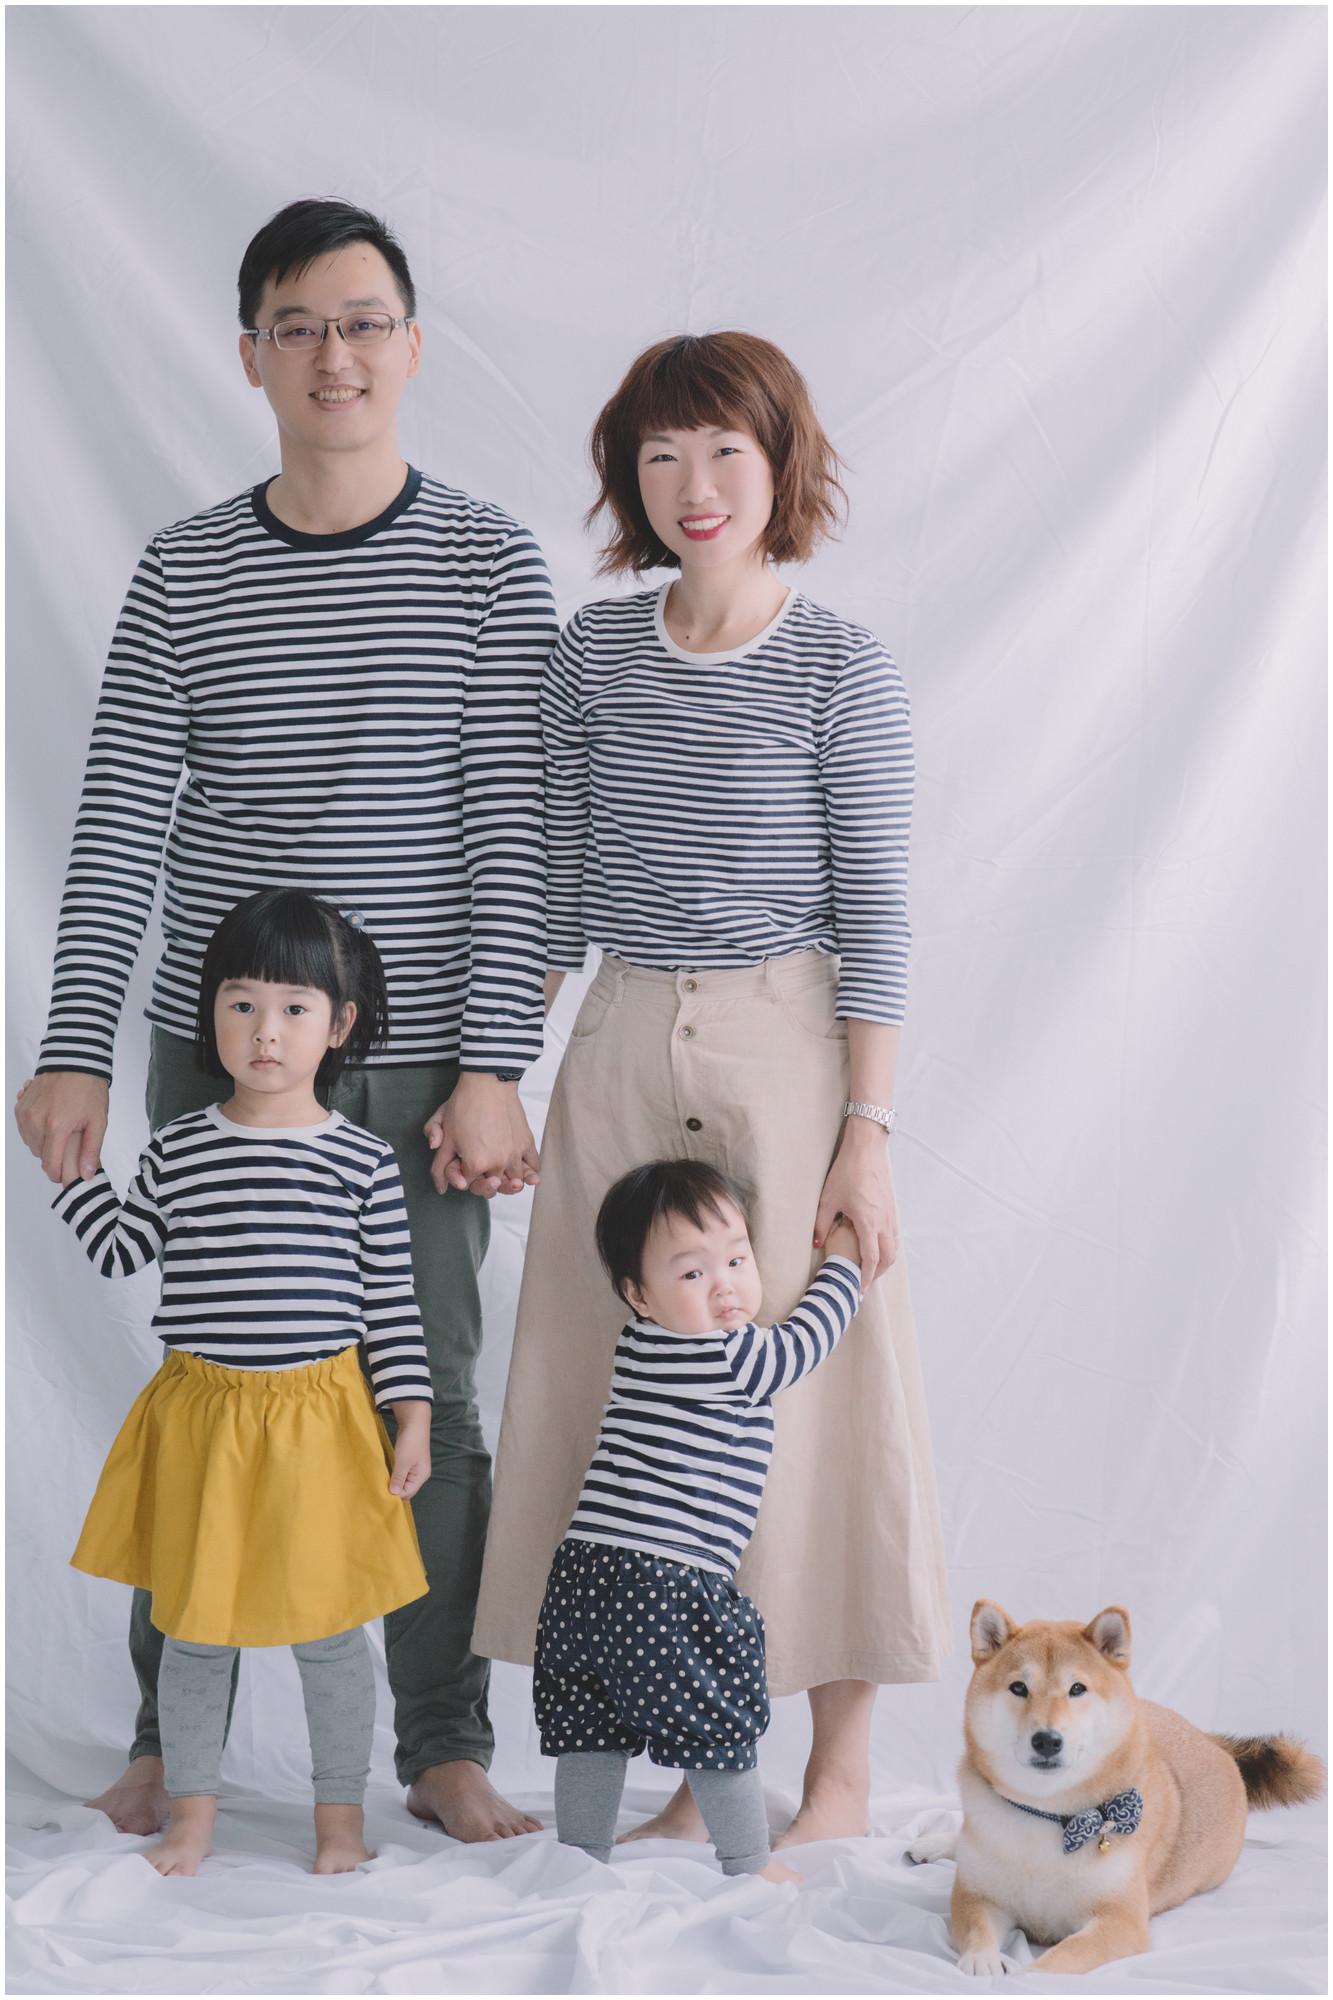 親子寫真  / 寵物寫真 / 親子婚紗 / 全家福 / 素人寫真 / 柴犬